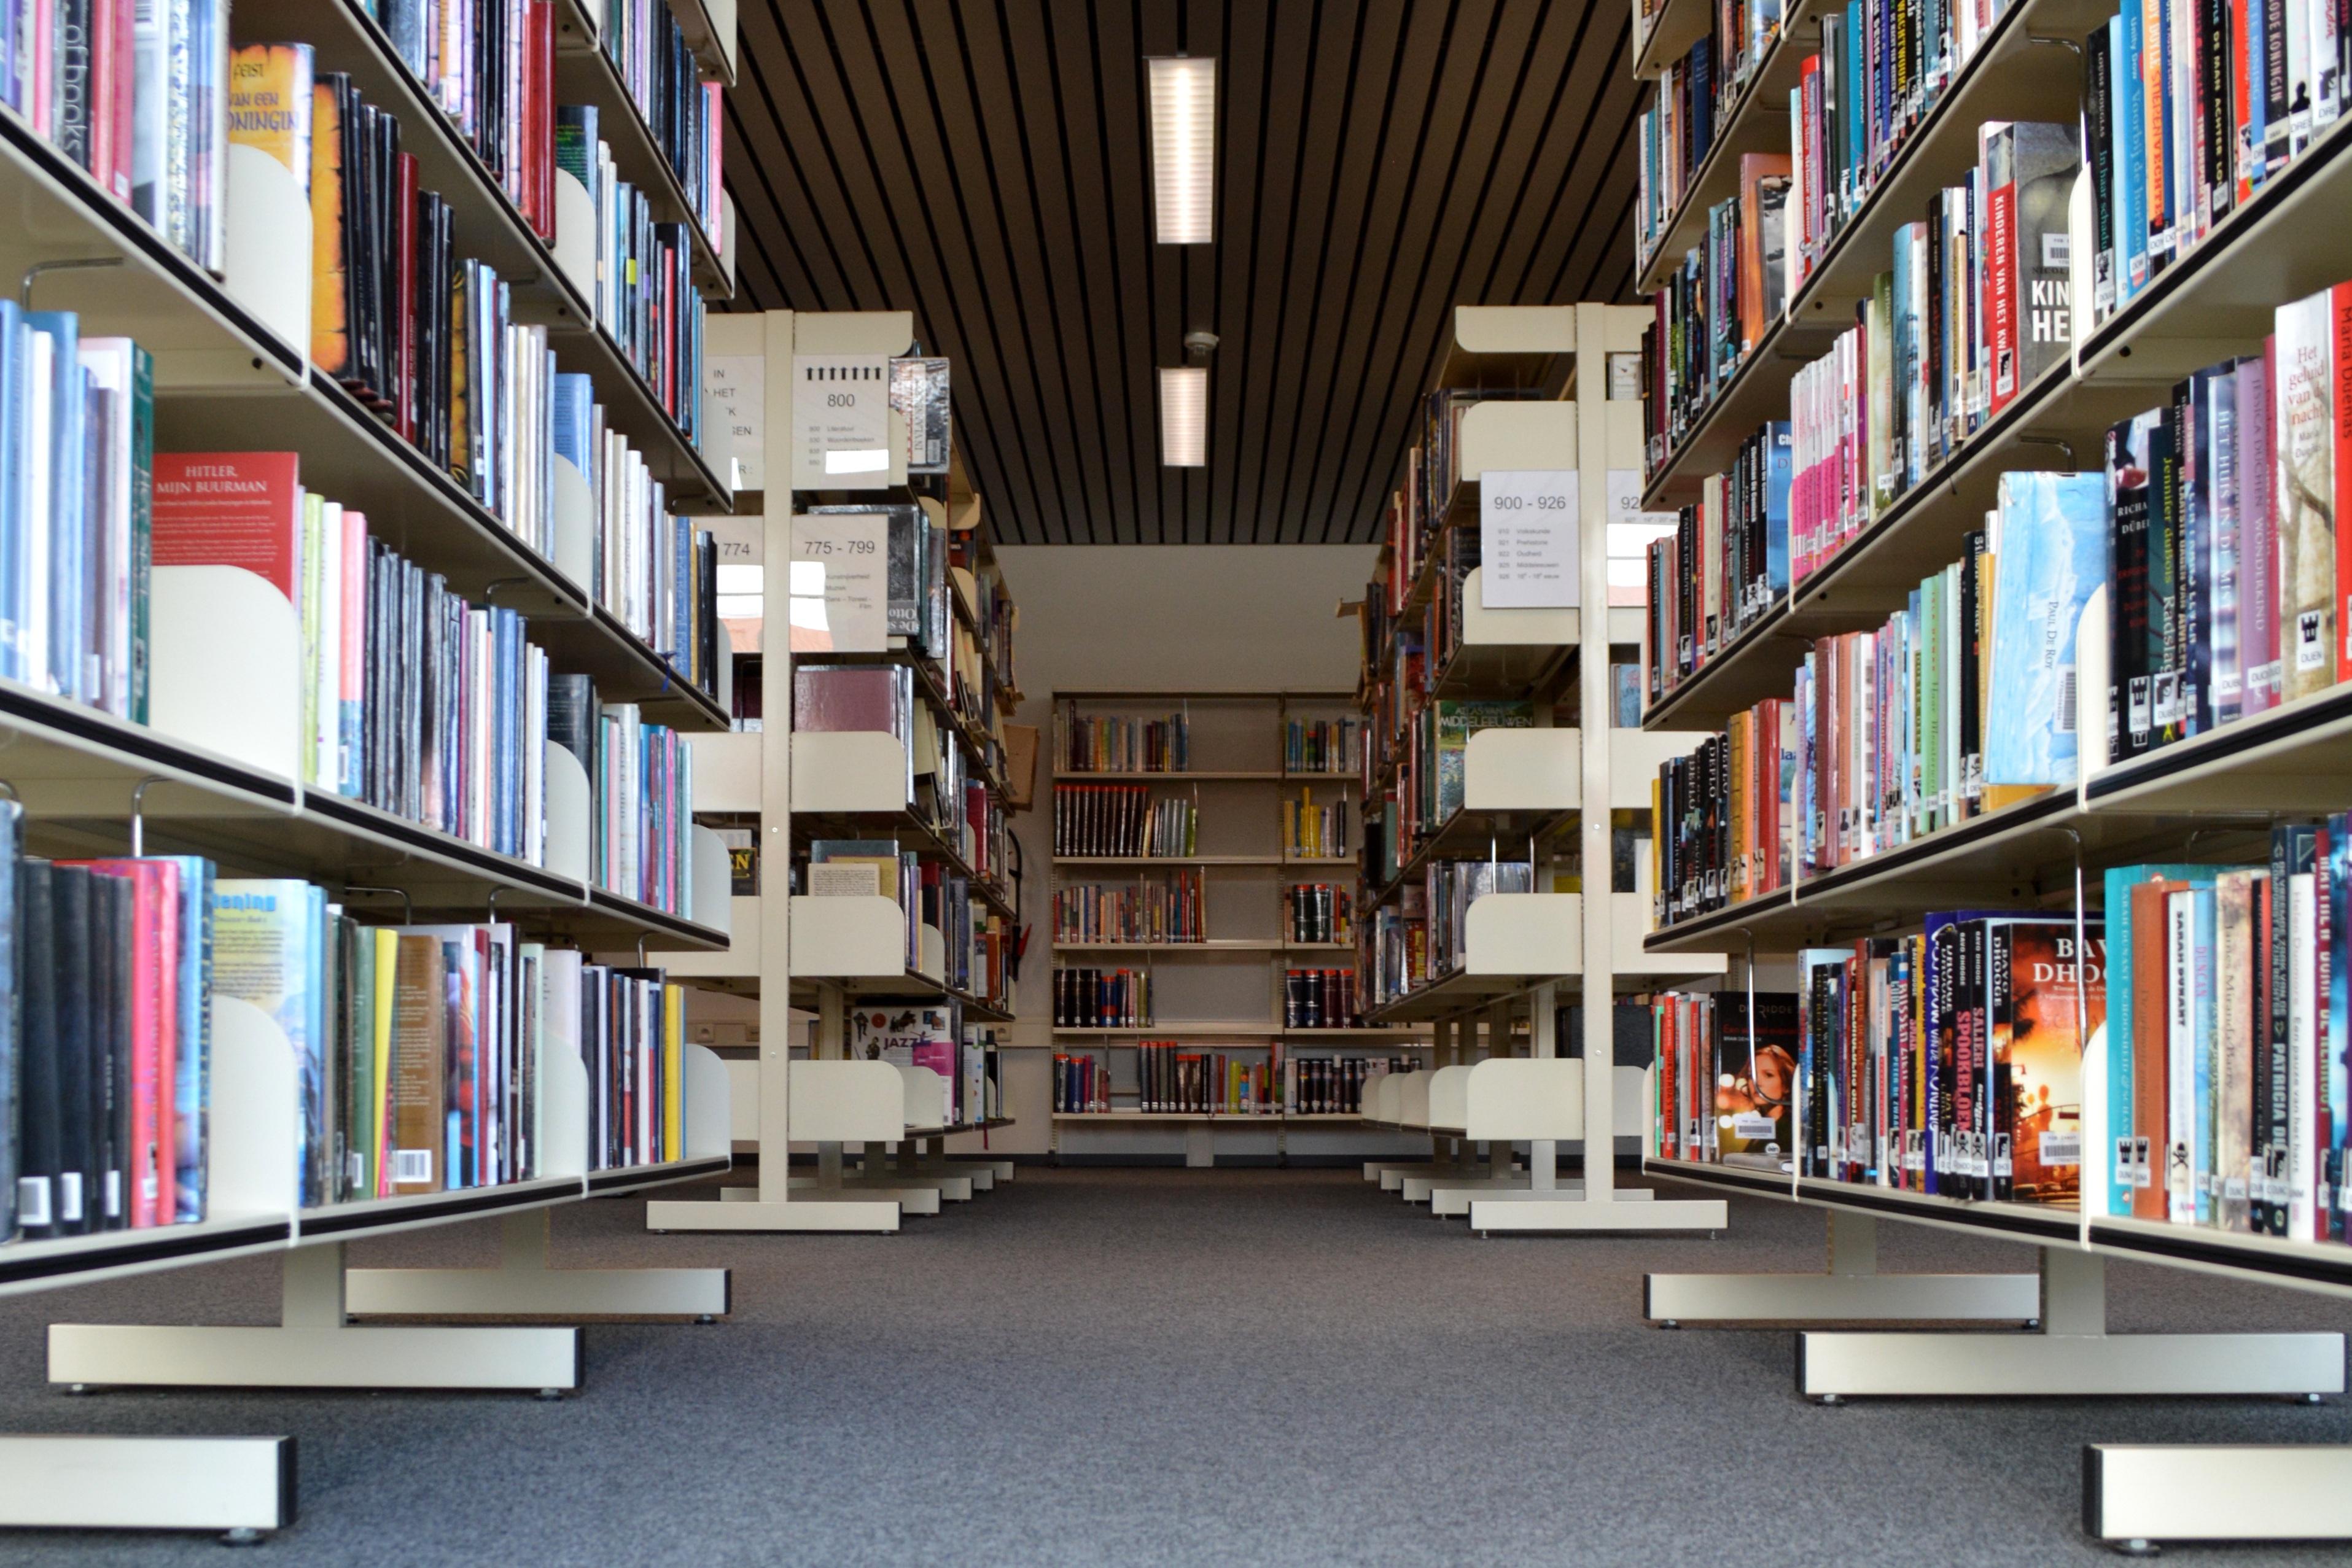 Innenarchitektur Bücher kostenlose foto lesen gebäude möbel bücherregal